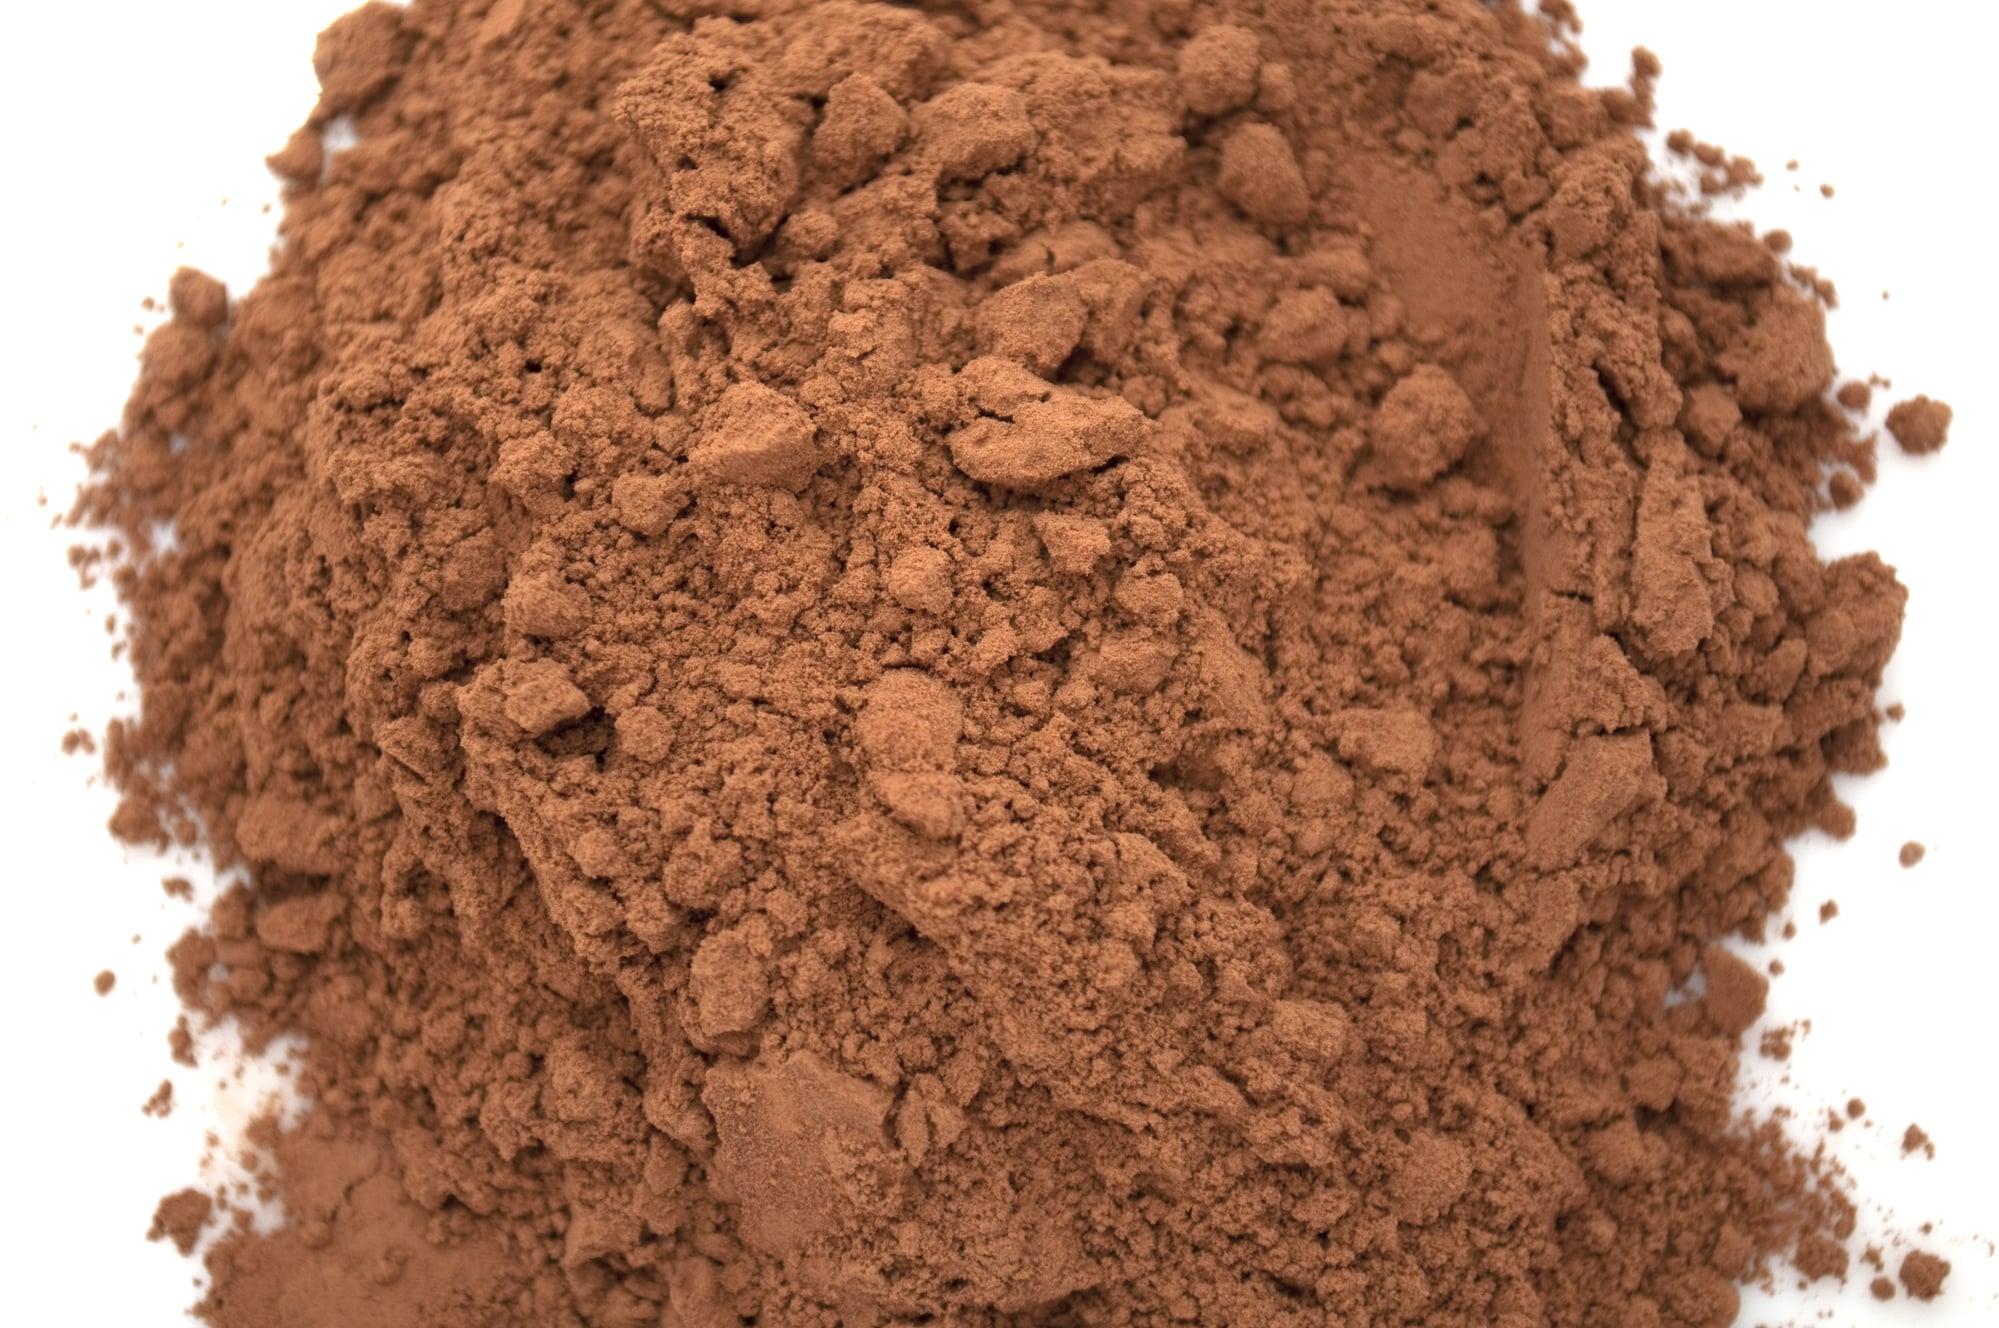 Dutch Process Cocoa Vs. Cocoa Powder: SPICEography Showdown